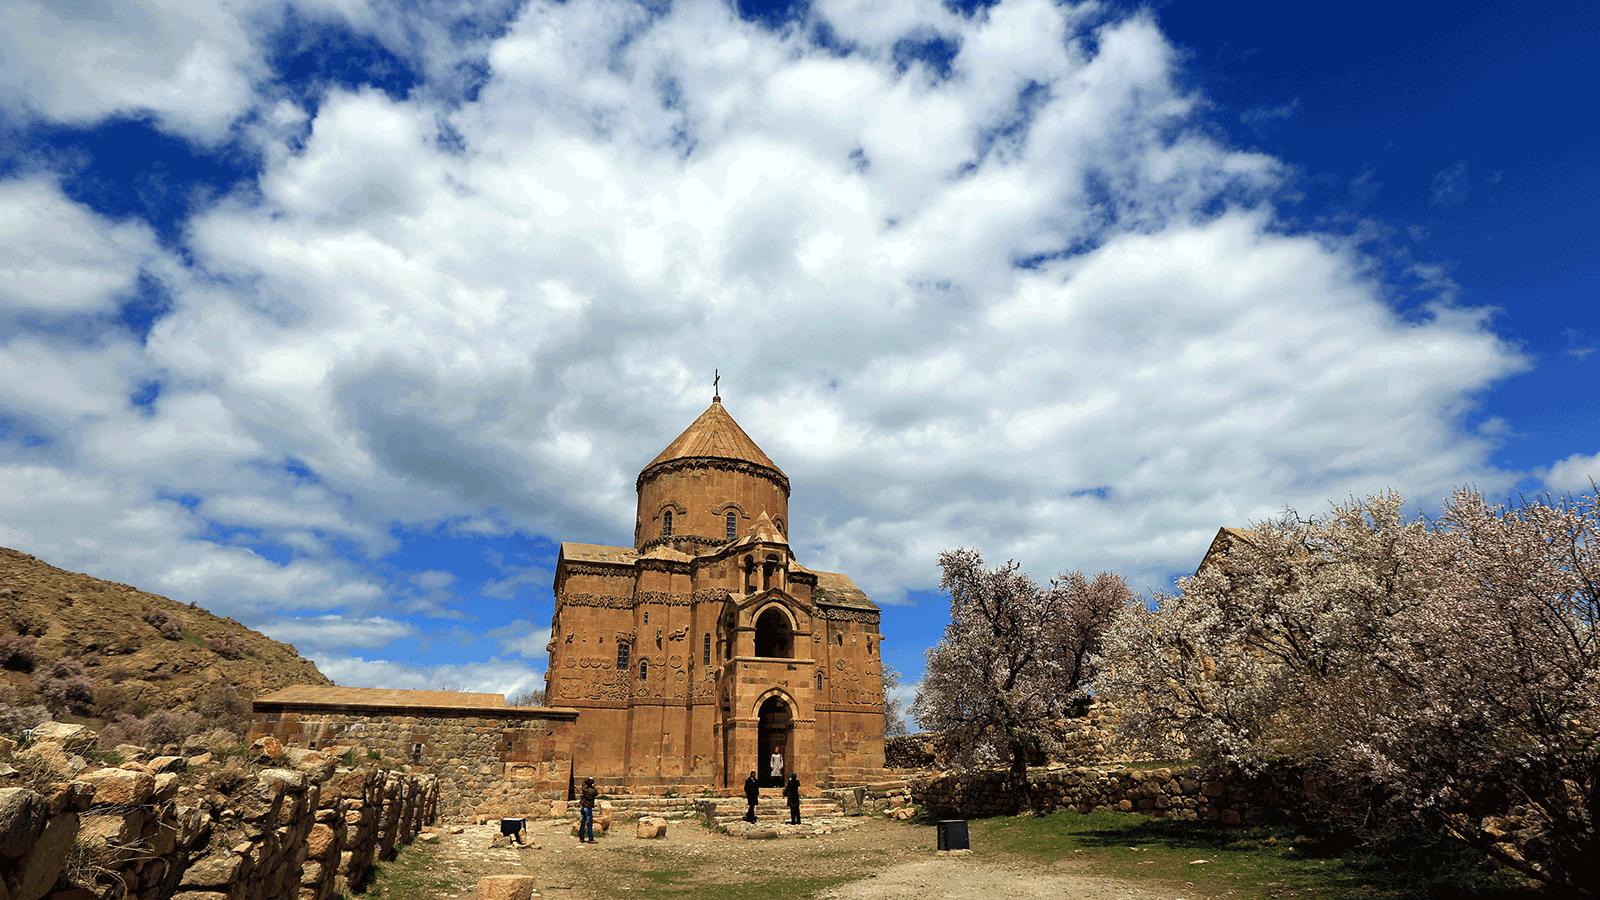 The History of the Katholikos of Akdamar